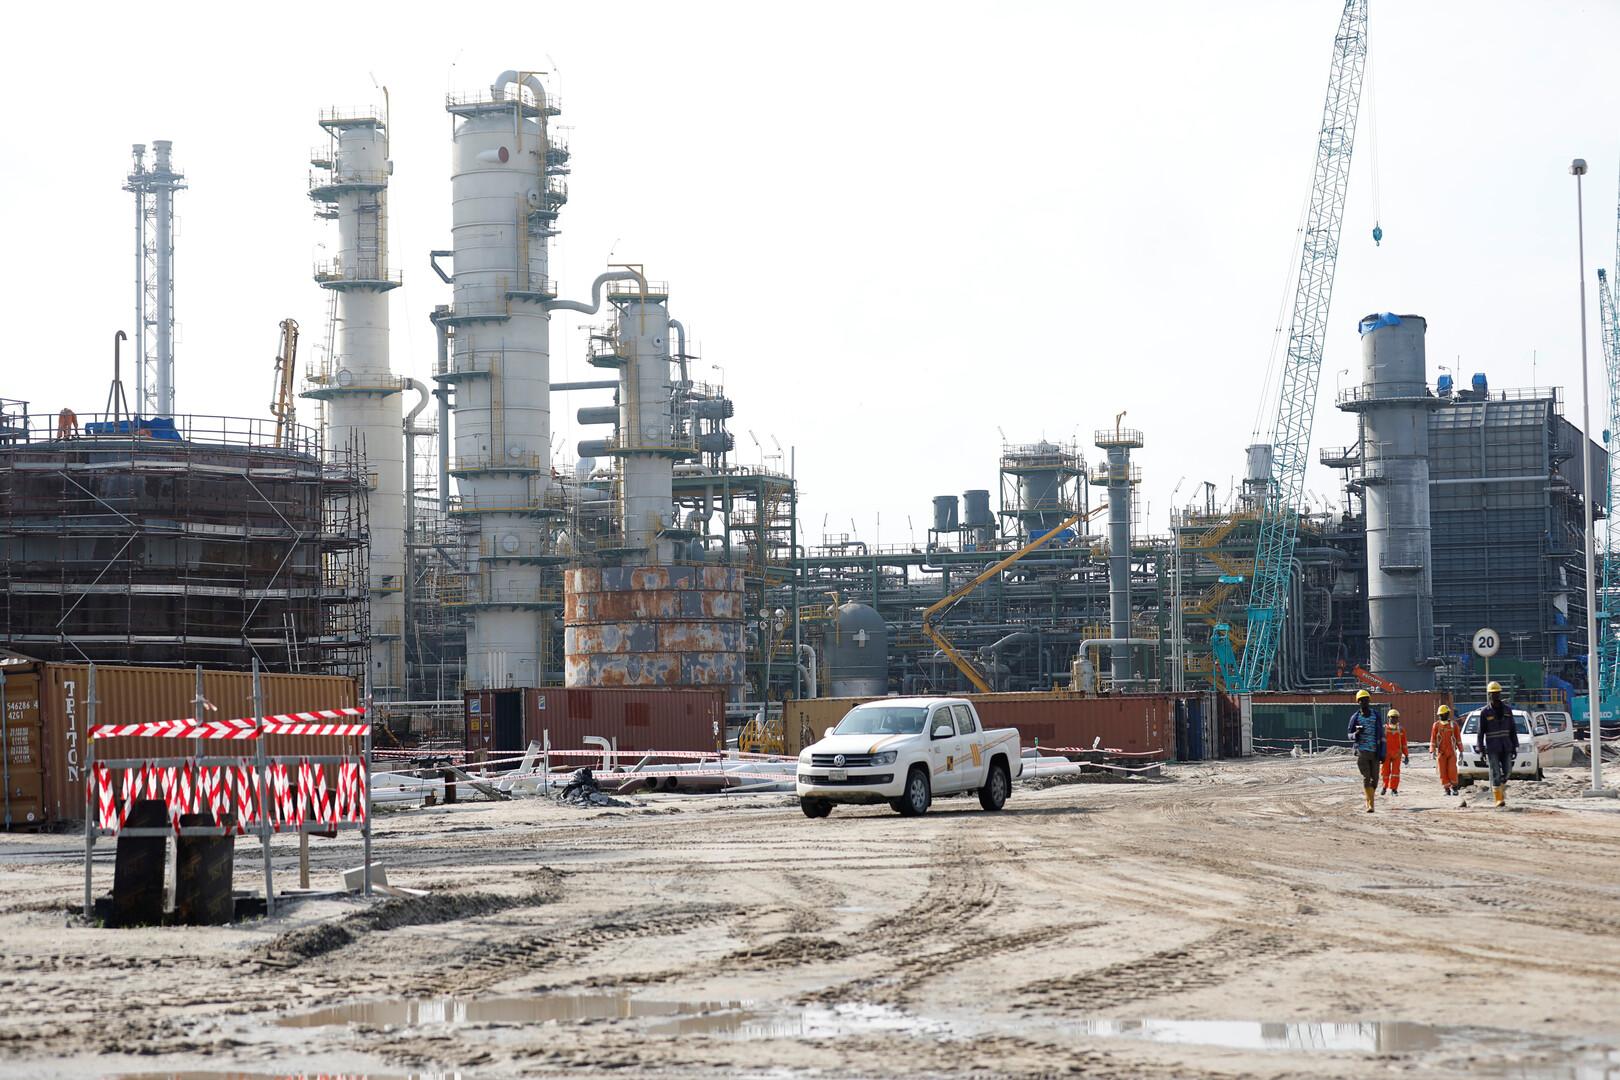 نتيجة بحث الصور عن السرقة والتخريب تكبد نيجيريا خسائر فادحة في قطاع النفط